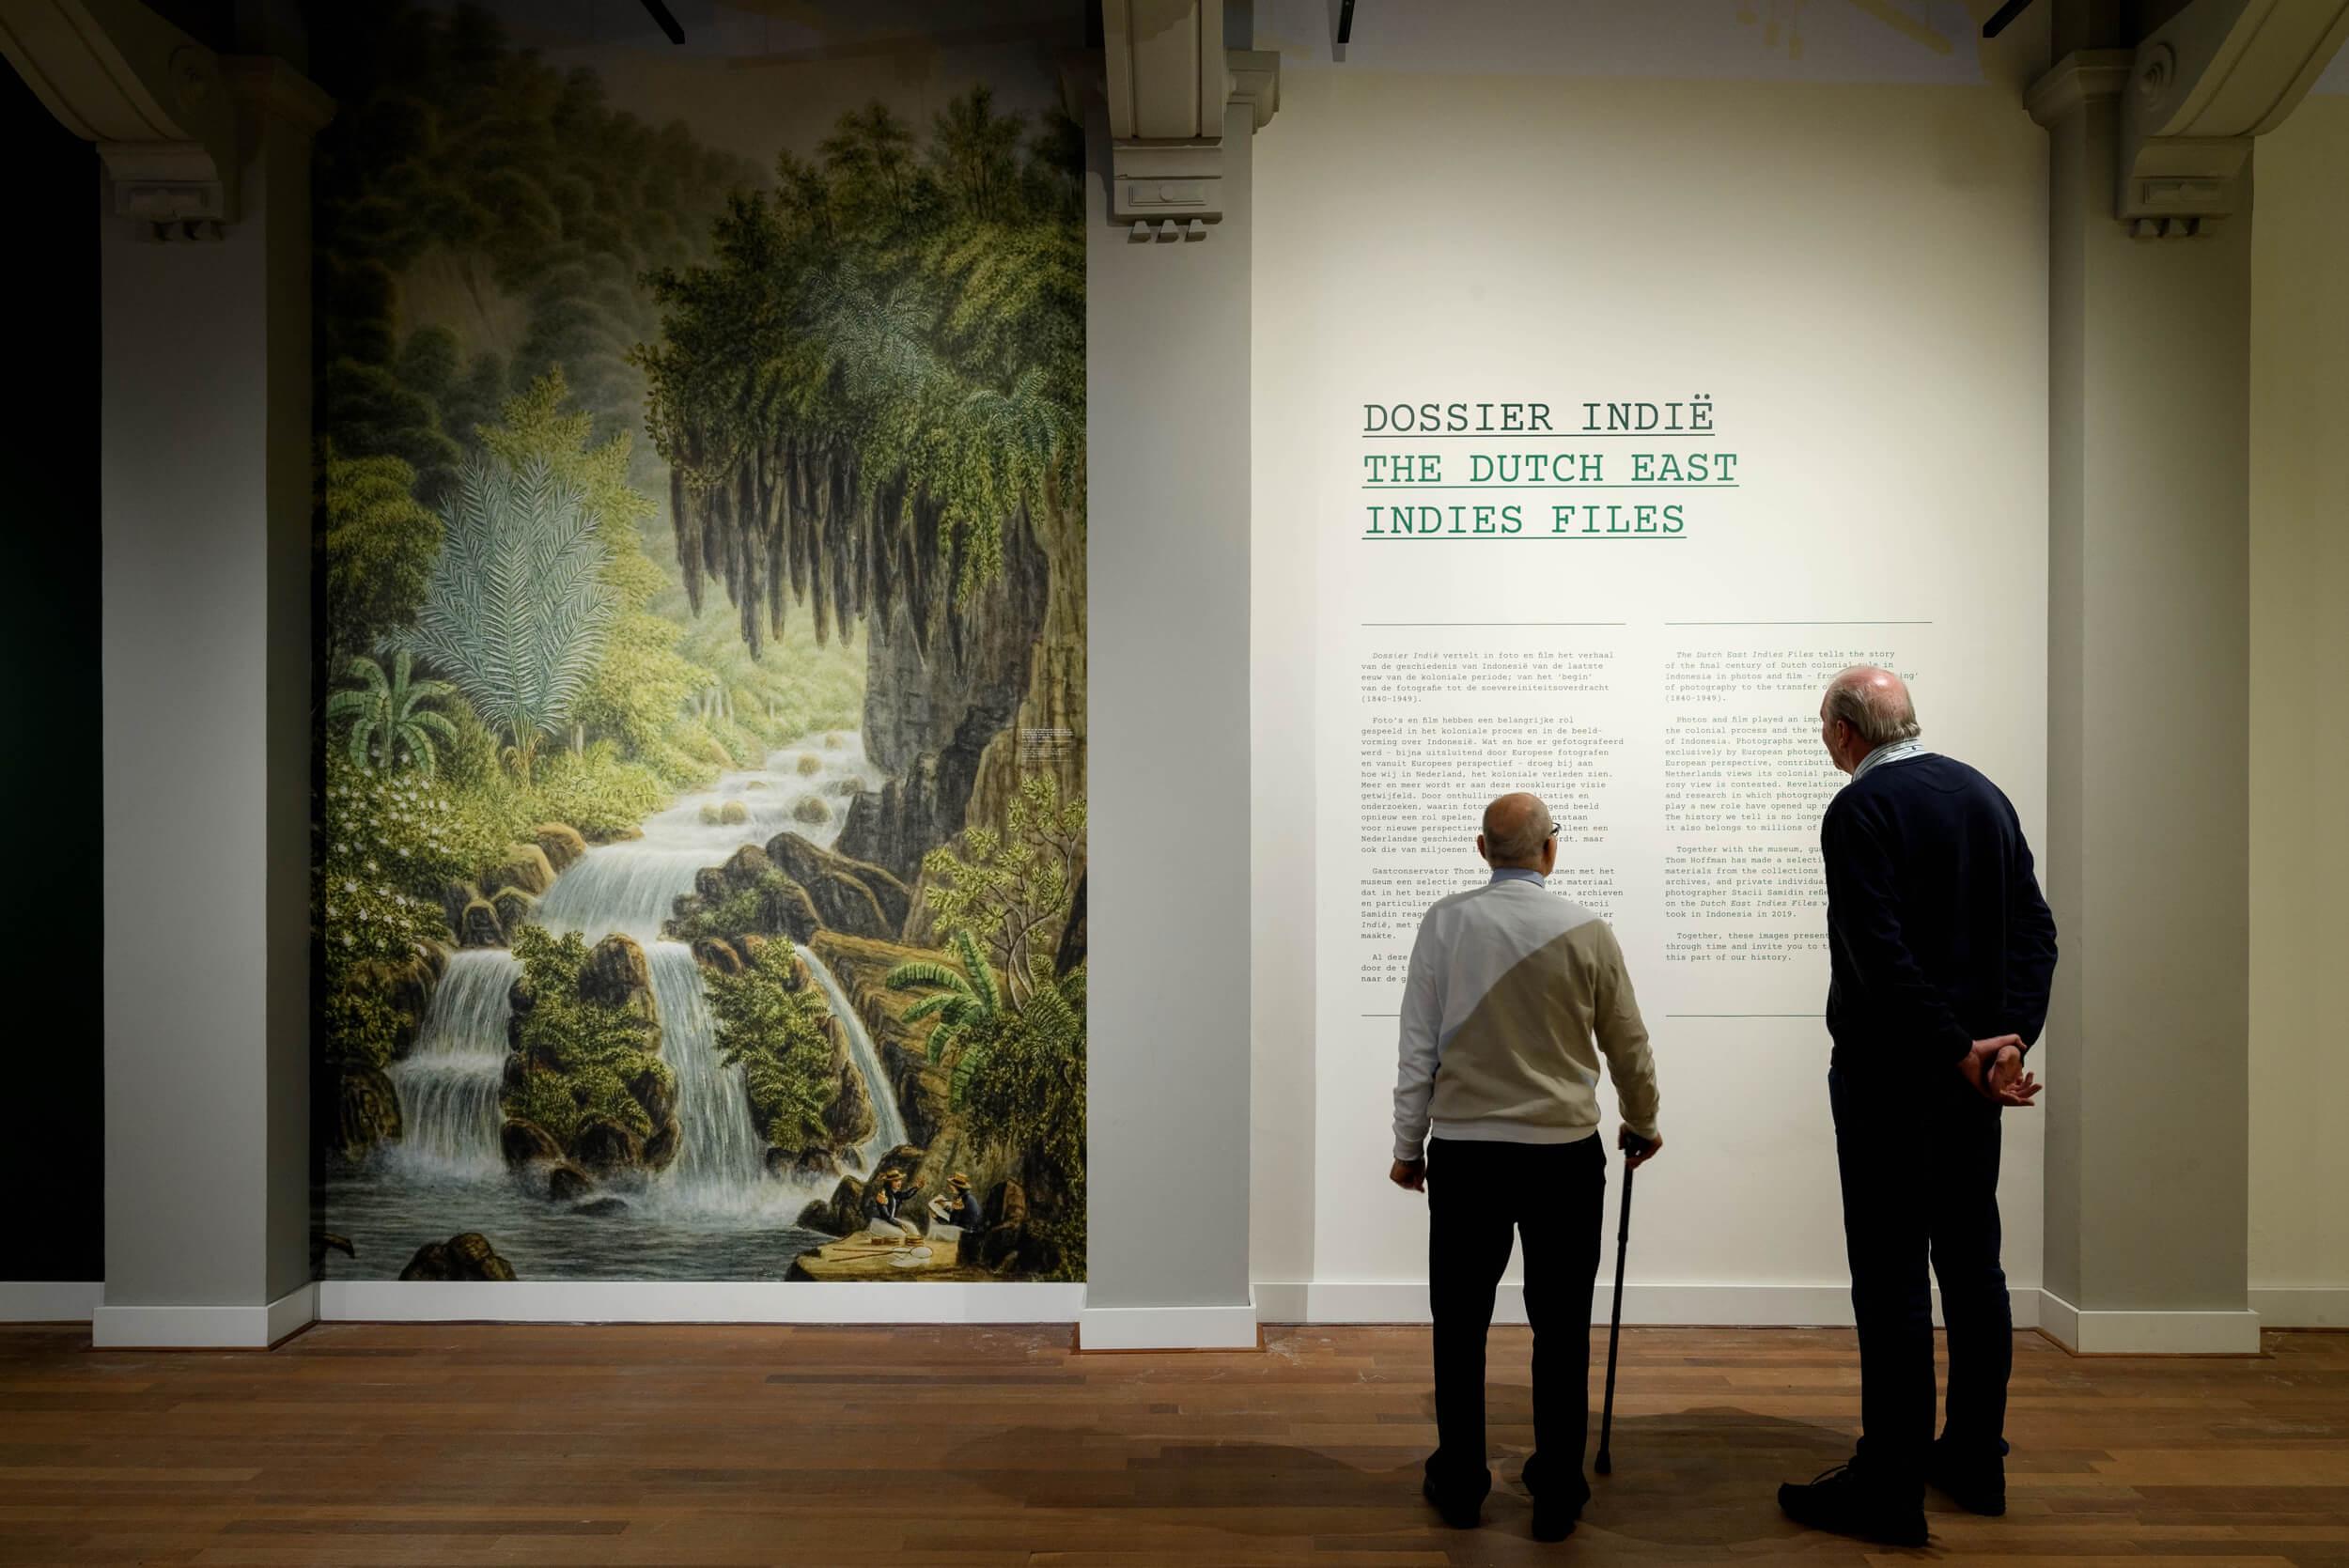 tentoonstellingsontwerp dossier indie wereldmuseum 2 jpg